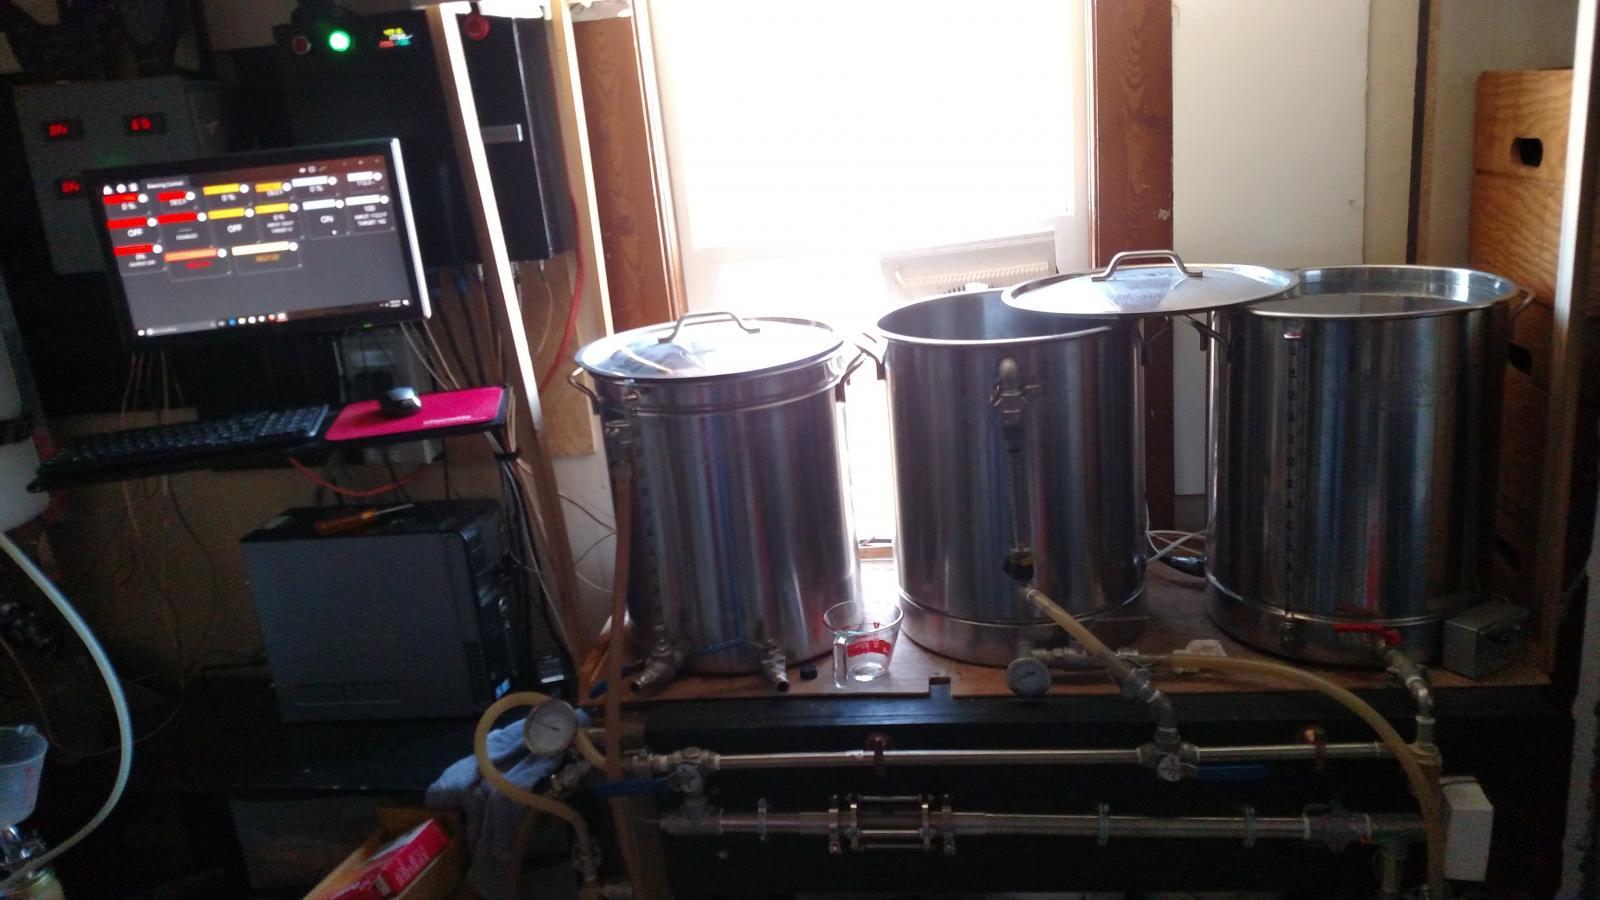 show me your brew room computer setup homebrewtalk com beer rh homebrewtalk com